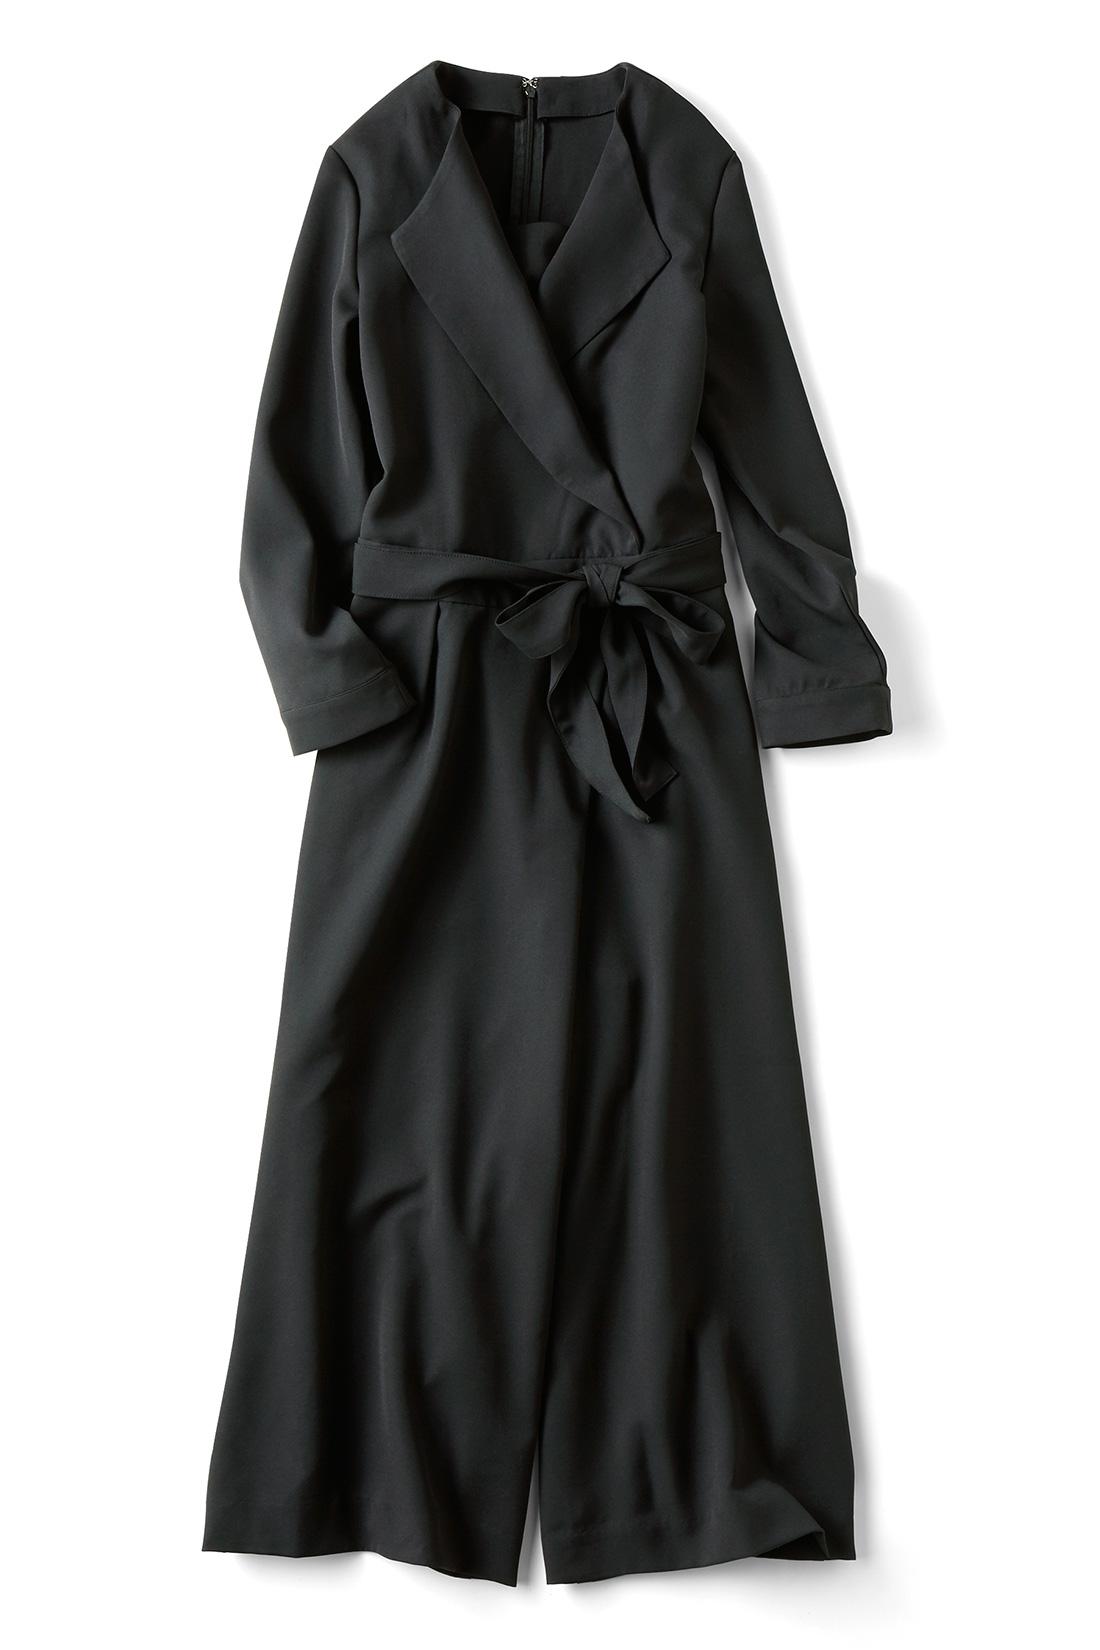 セミフォーマルにも使える〈ブラック〉 着るだけでベストバランスのスタイルをかなえる、計算されたカシュクール。調整いらずで、こなれ感のある着こなしに。女性らしく見せるVネックを、さらにほっそりシャープな印象に見えるよう、深めに取っているのもポイント。 ※商品の色味はこちらをご参考にされてください